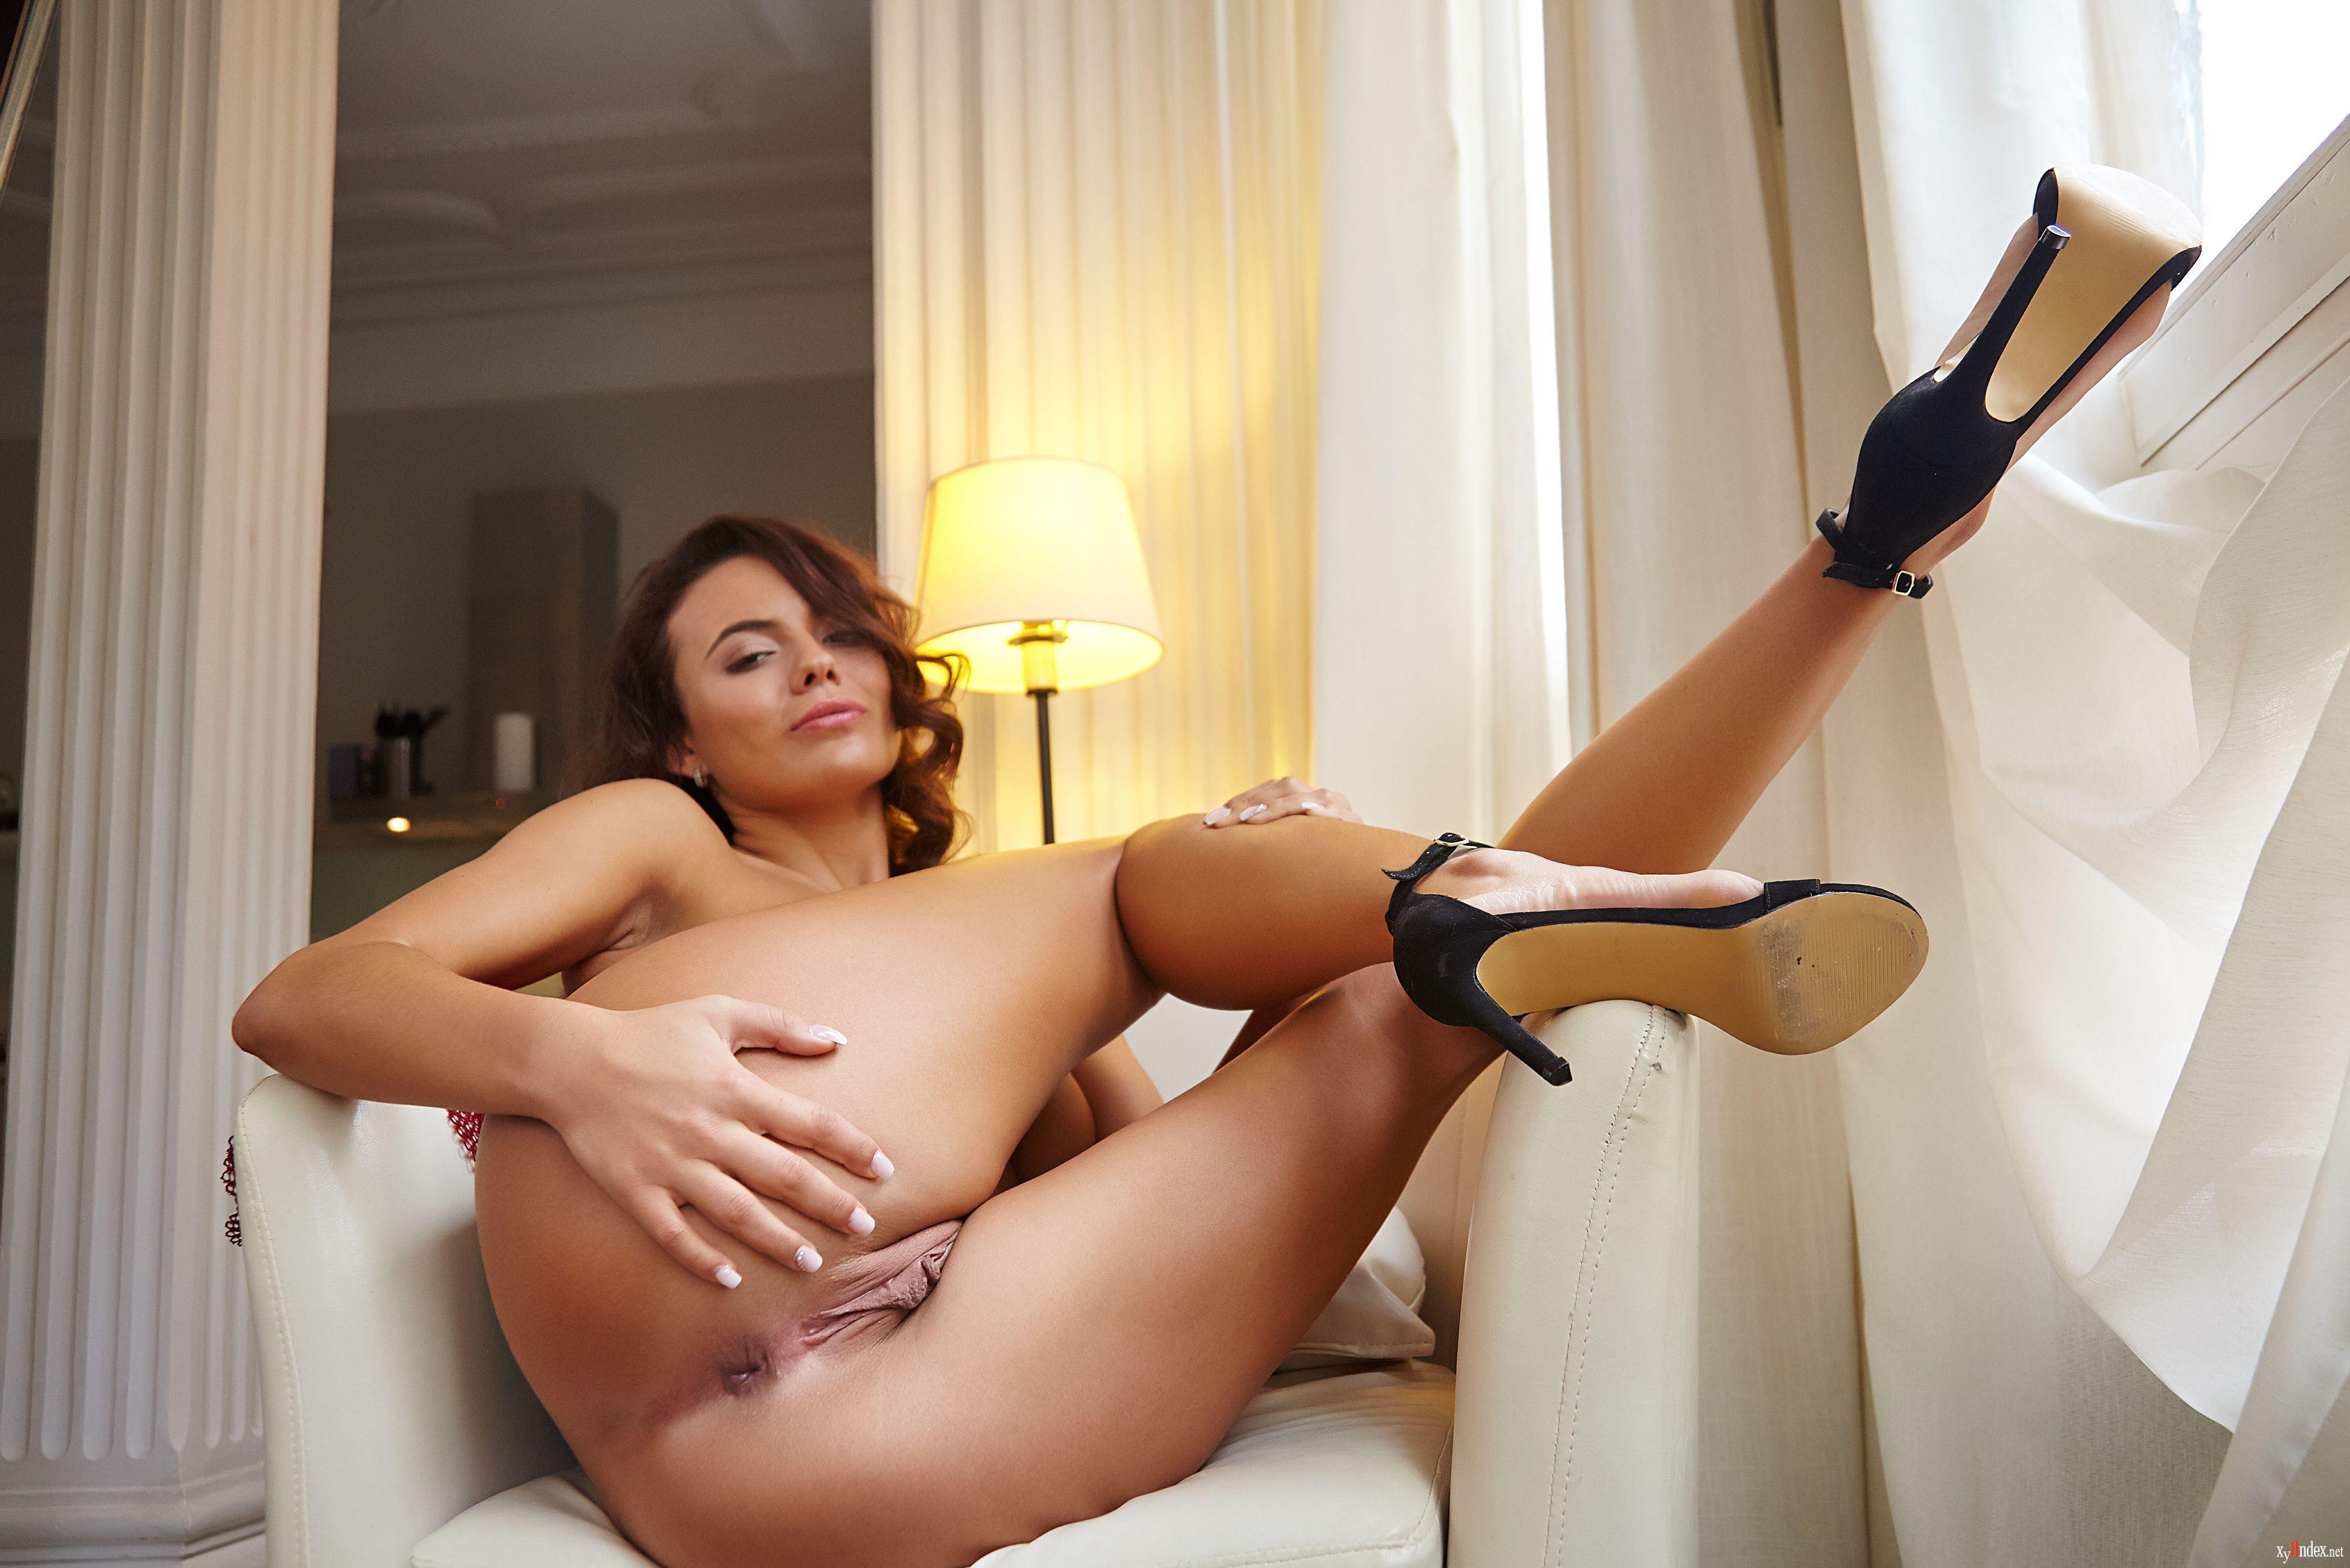 Vanessa decker has an awesome round ass